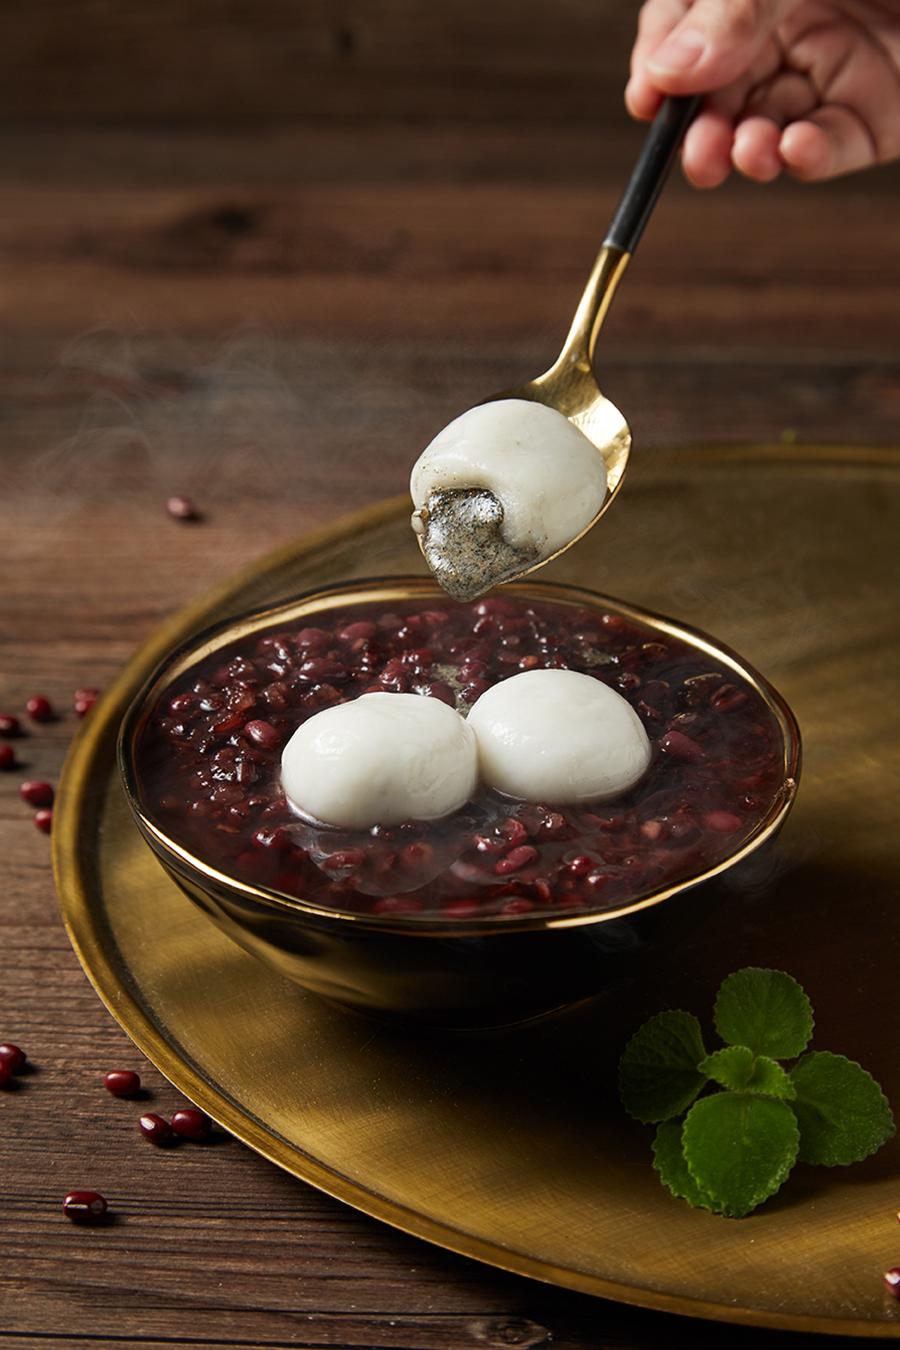 018 紫米紅豆粥芝麻湯圓-3